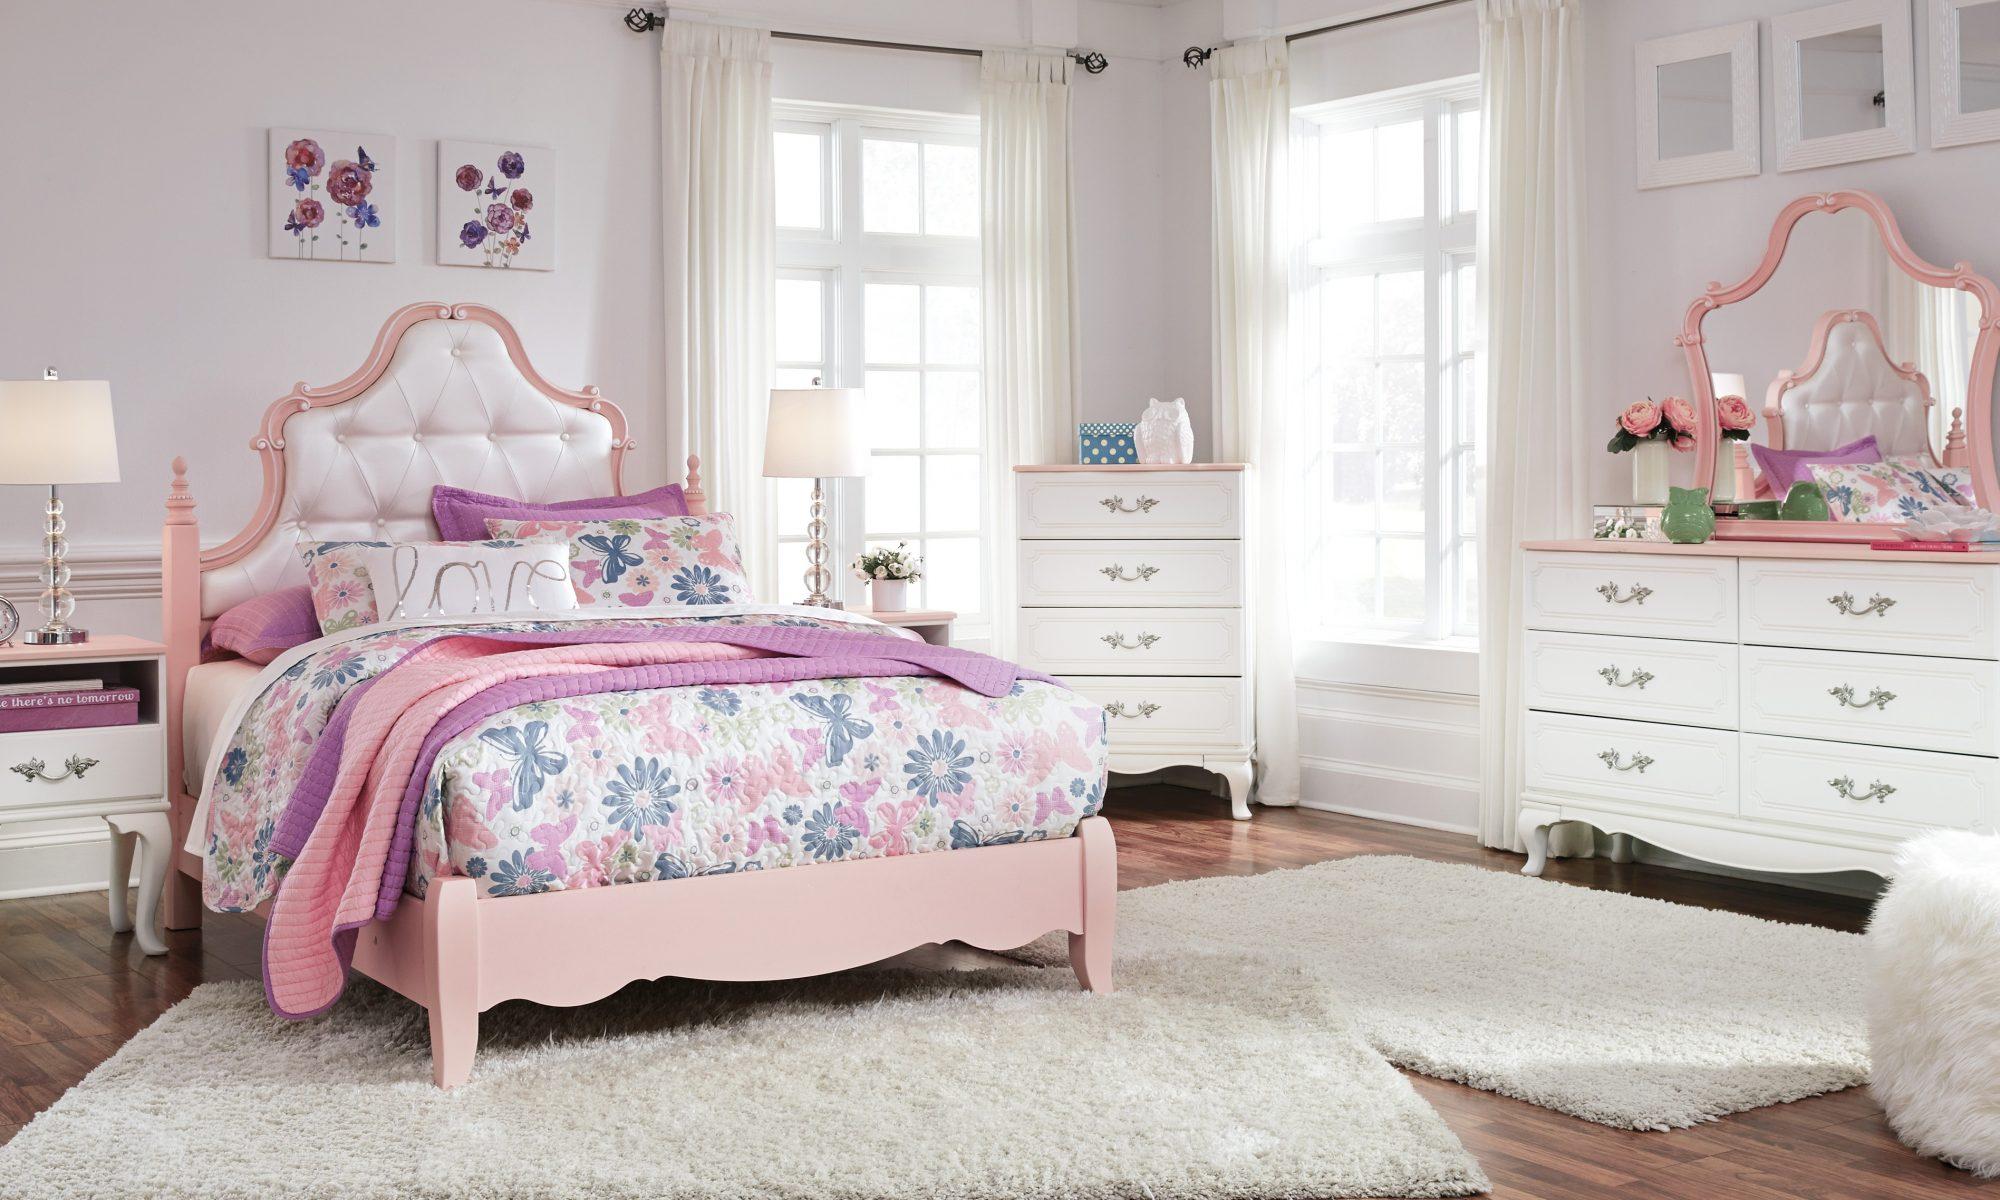 Sypialnia Dla Dziewczynki 212 Stylowe Meble